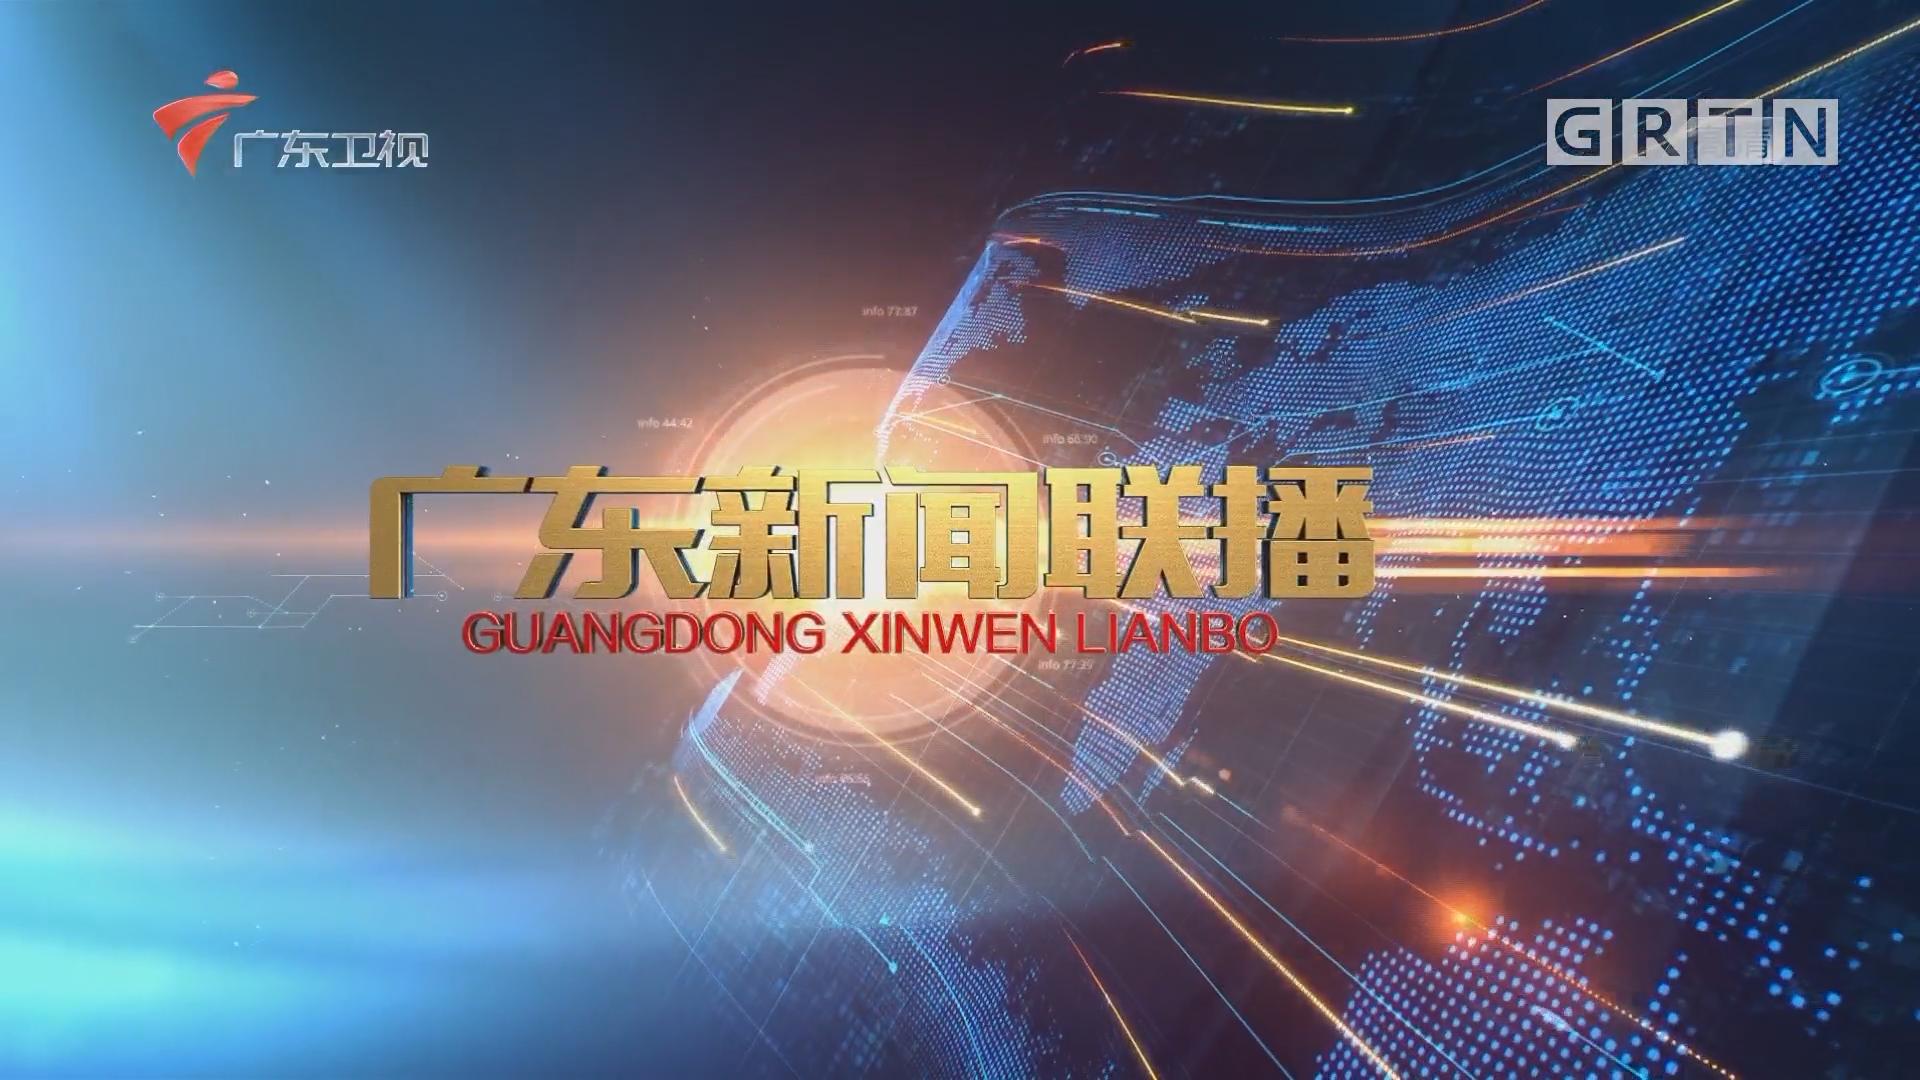 [HD][2018-04-27]广东新闻联播:省委党的建设工作领导小组会议召开 李希主持会议